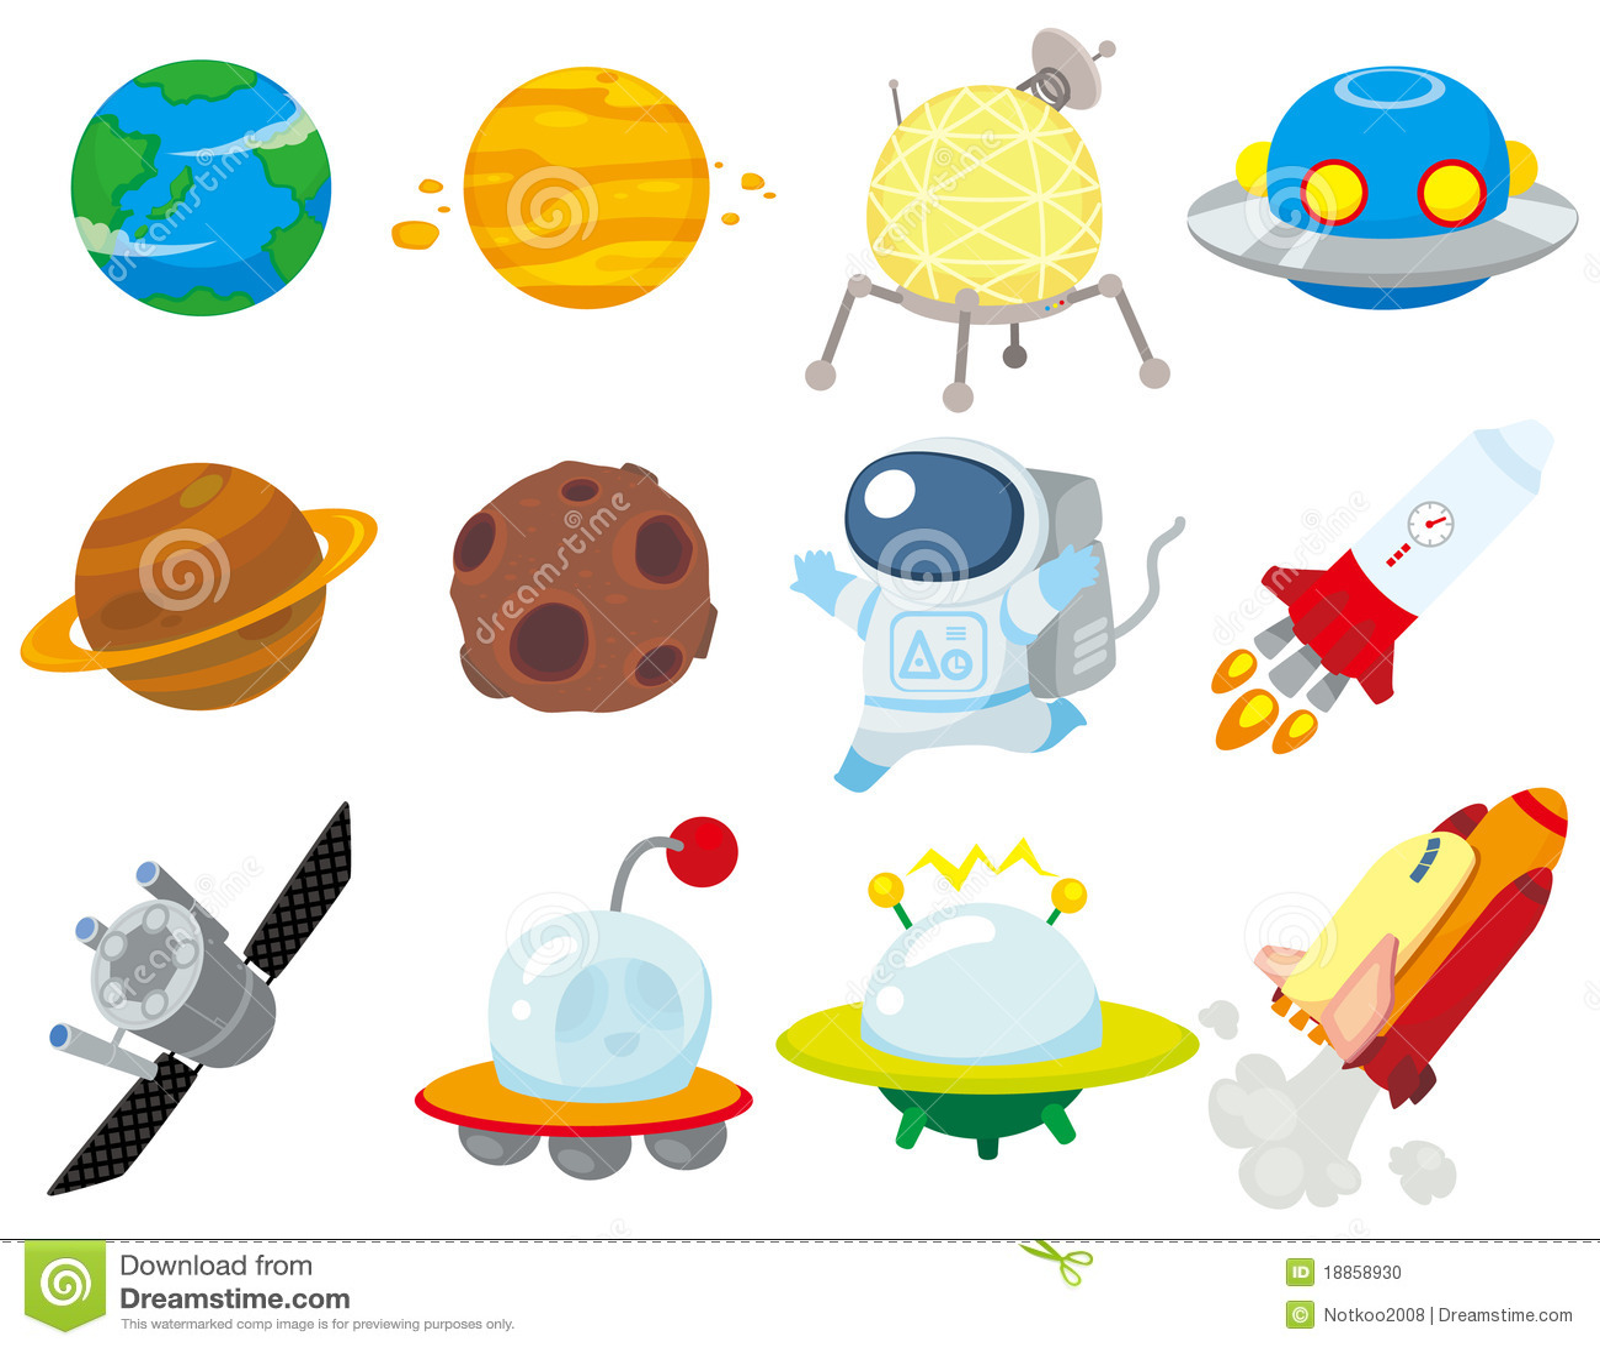 Cartoon space icon stock photo image 18858930 - Dibujos infantiles del espacio ...